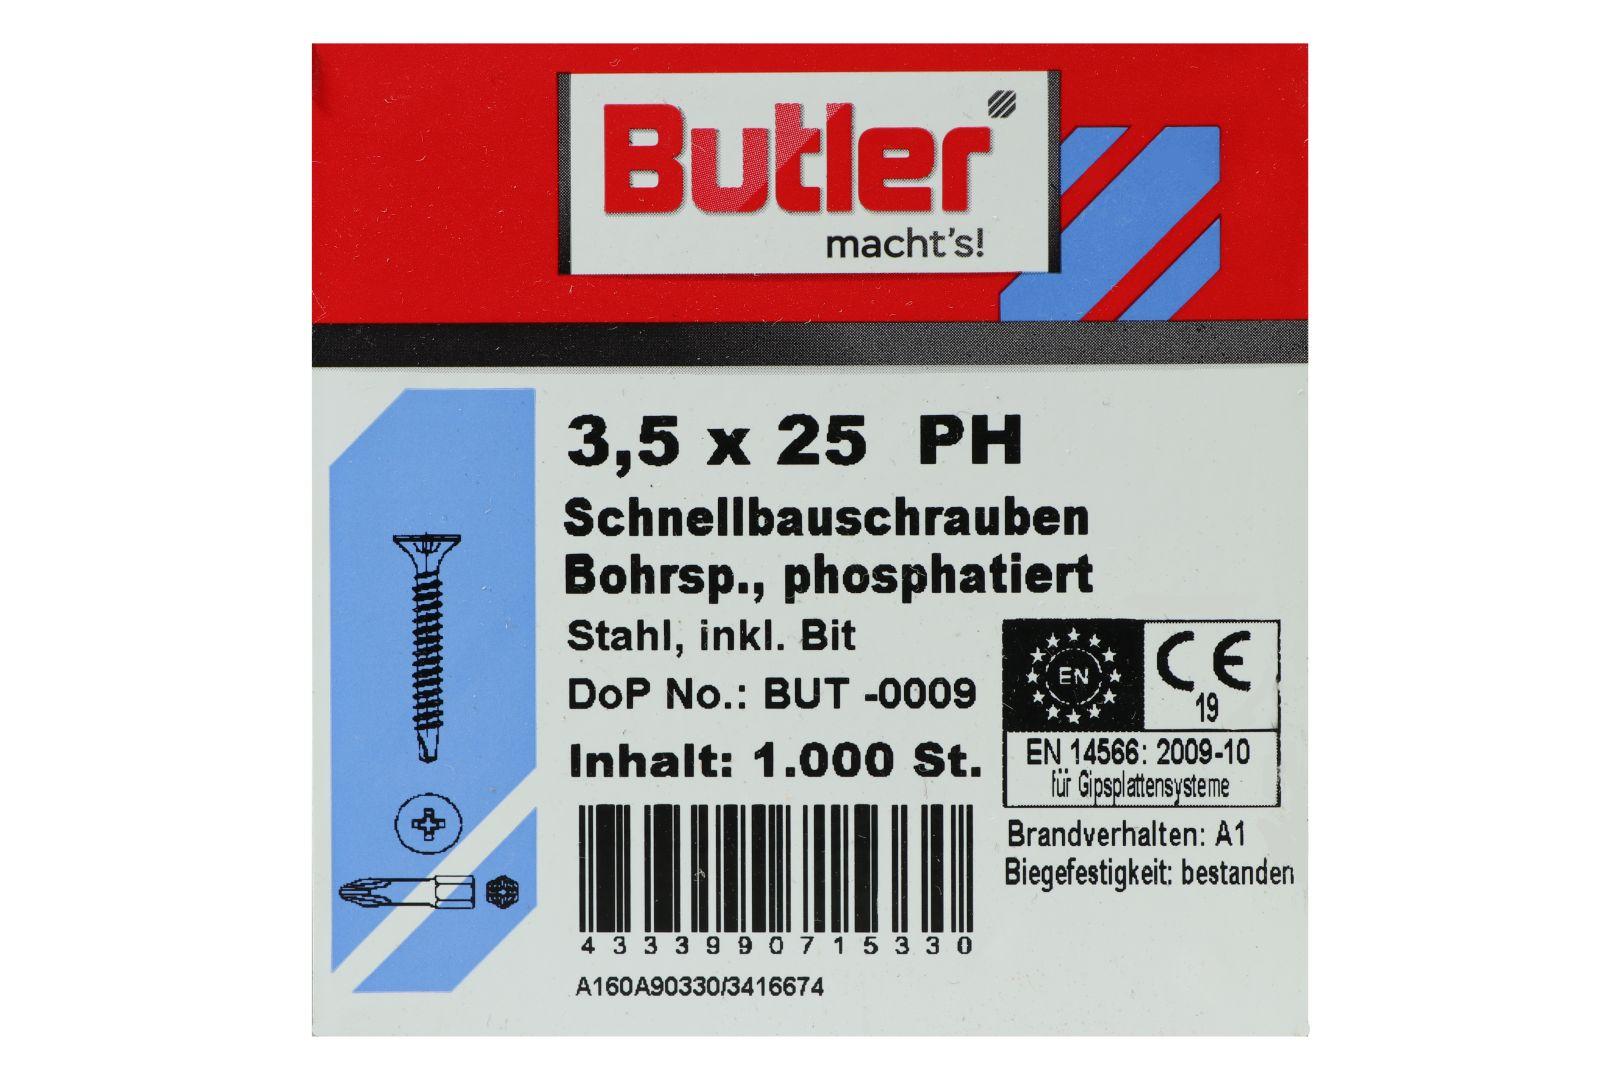 Butler macht's! Schnellbauschrauben inkl. Bit für Gipsplatten auf Metall 0,6 bis 2 mm, Bohrspitze, Feingewinde, PH2, 3,5 x 25 mm, 1.000 Stück